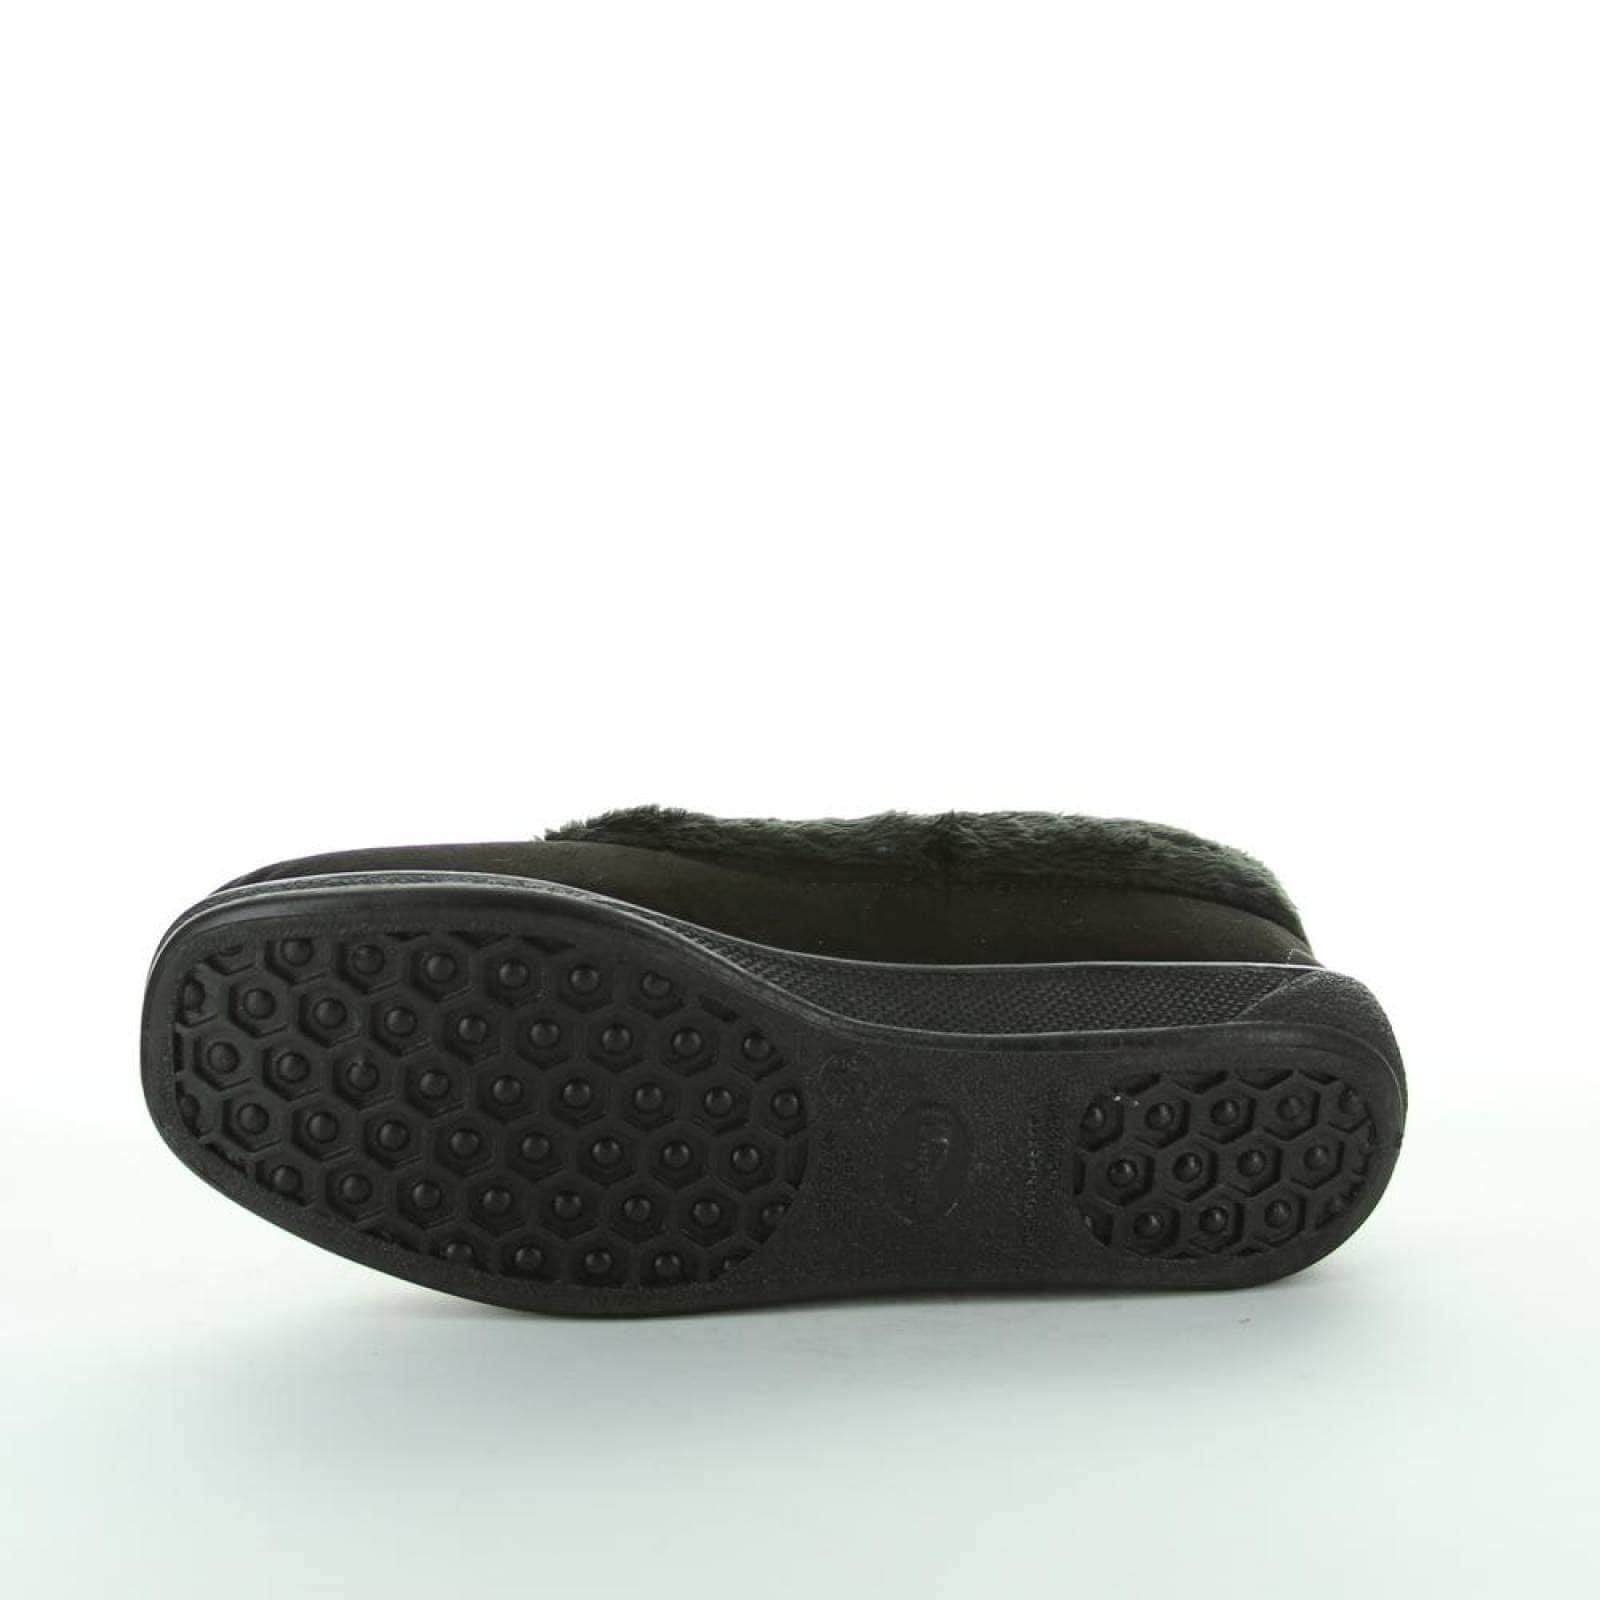 Zapato Cerrado Magic Shoes Mujer Negro Textil 708